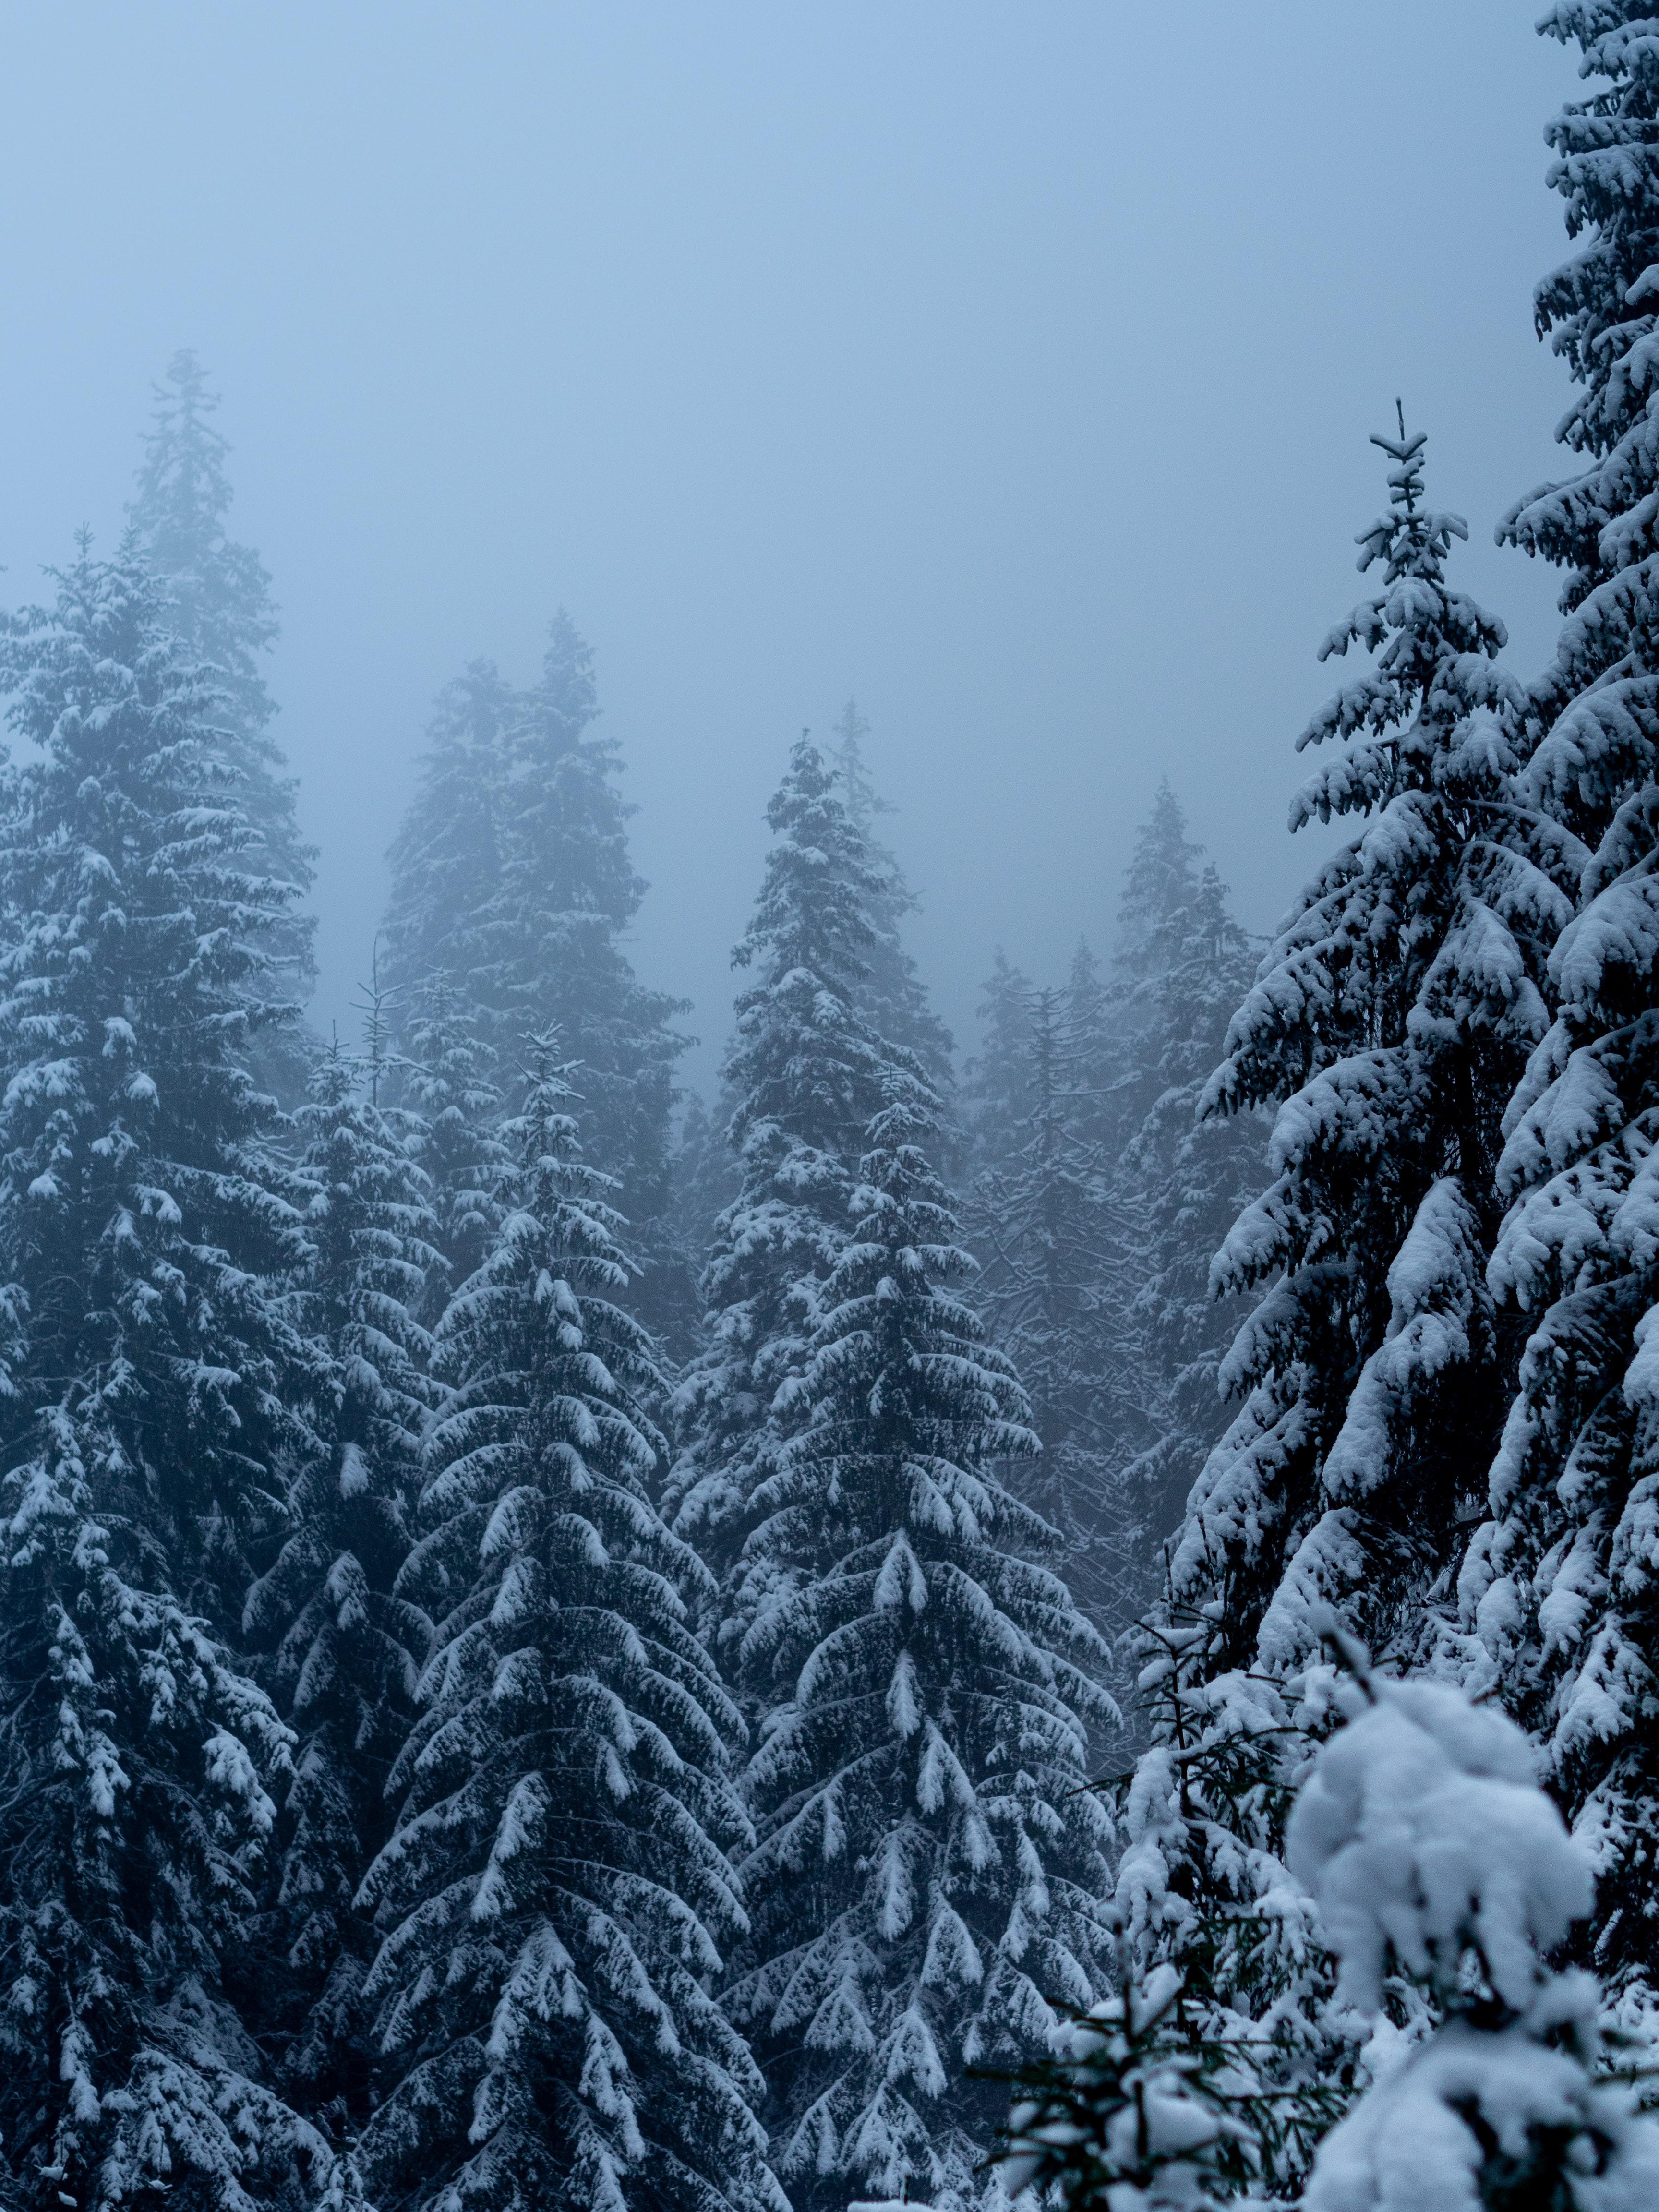 69836 скачать обои Природа, Деревья, Снег, Метель, Зима, Сосны - заставки и картинки бесплатно